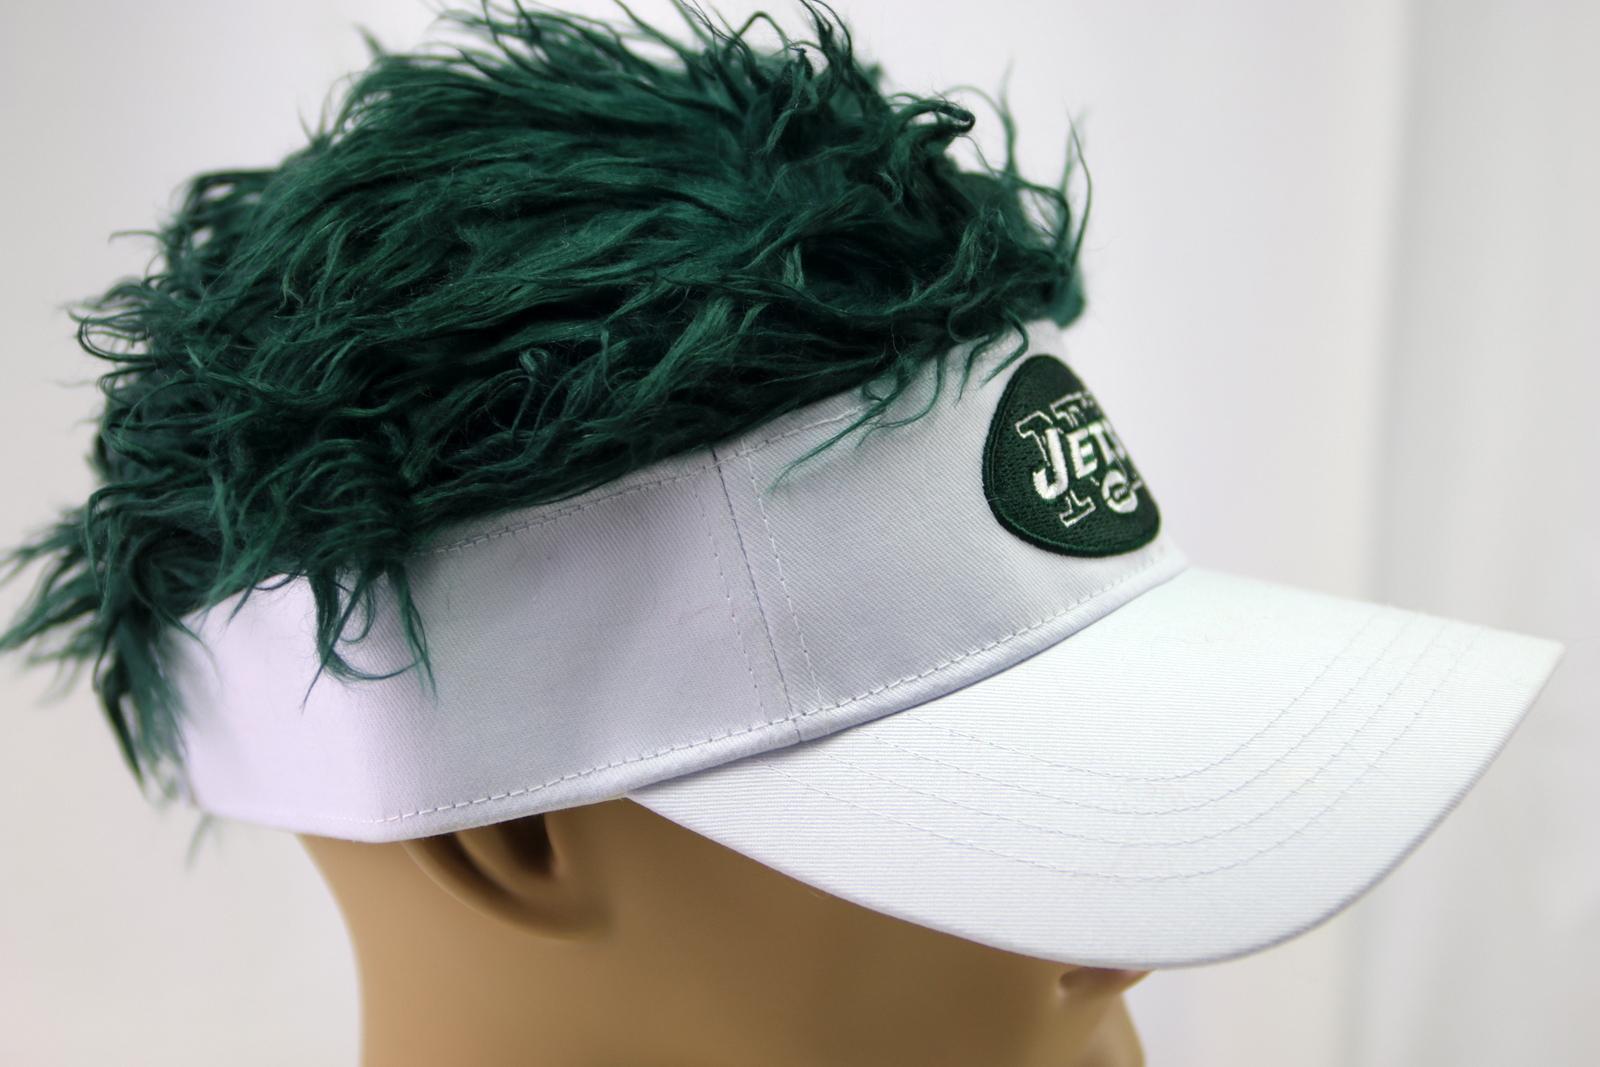 Flair Hair New York Jets NFL Czapka z daszkiem